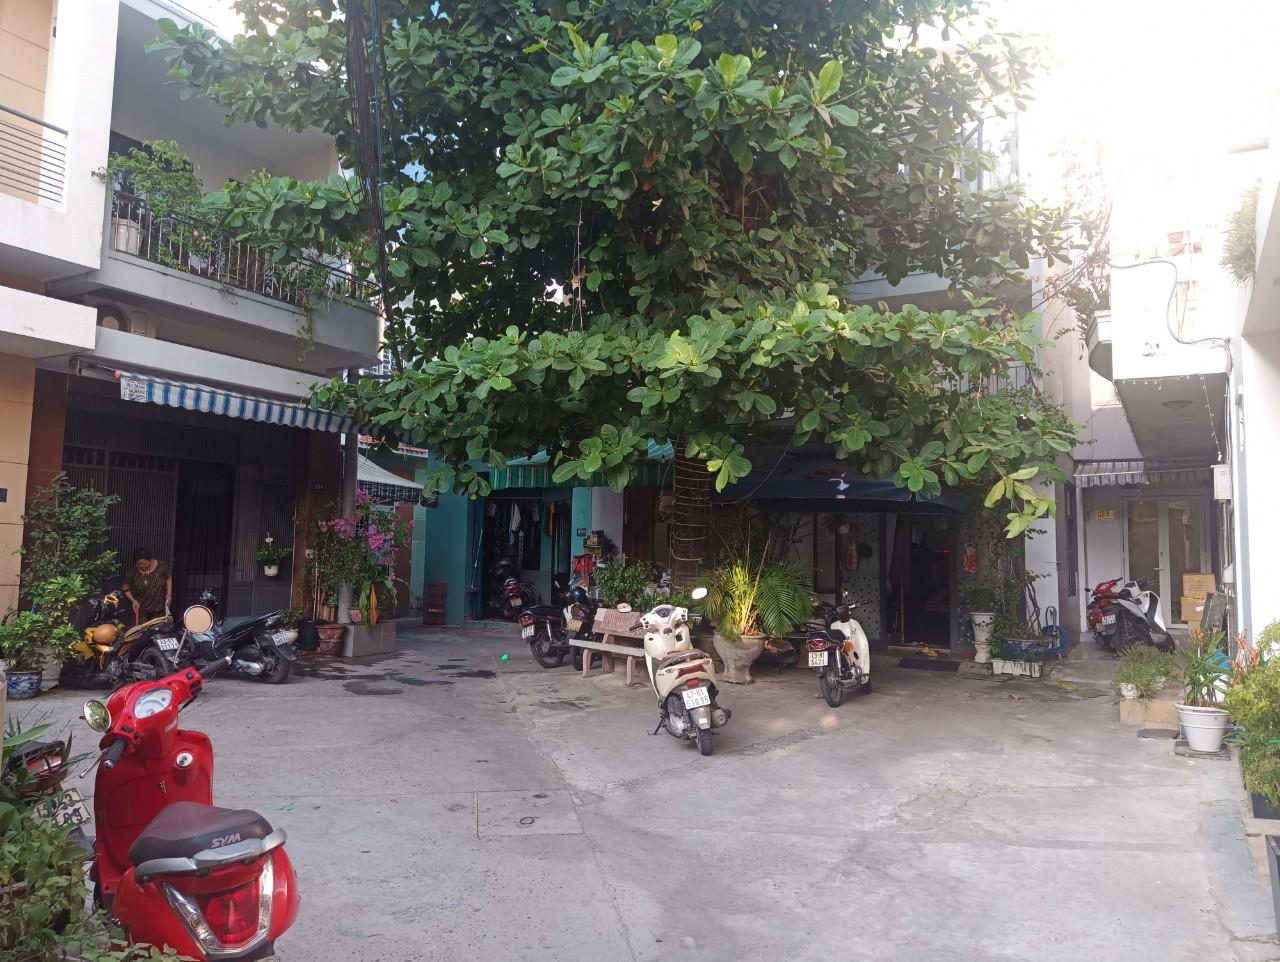 Bán nhà 2 tầng kiệt 275 Nguyễn Chí Thanh, Đà Nẵng, diện tích 125m2